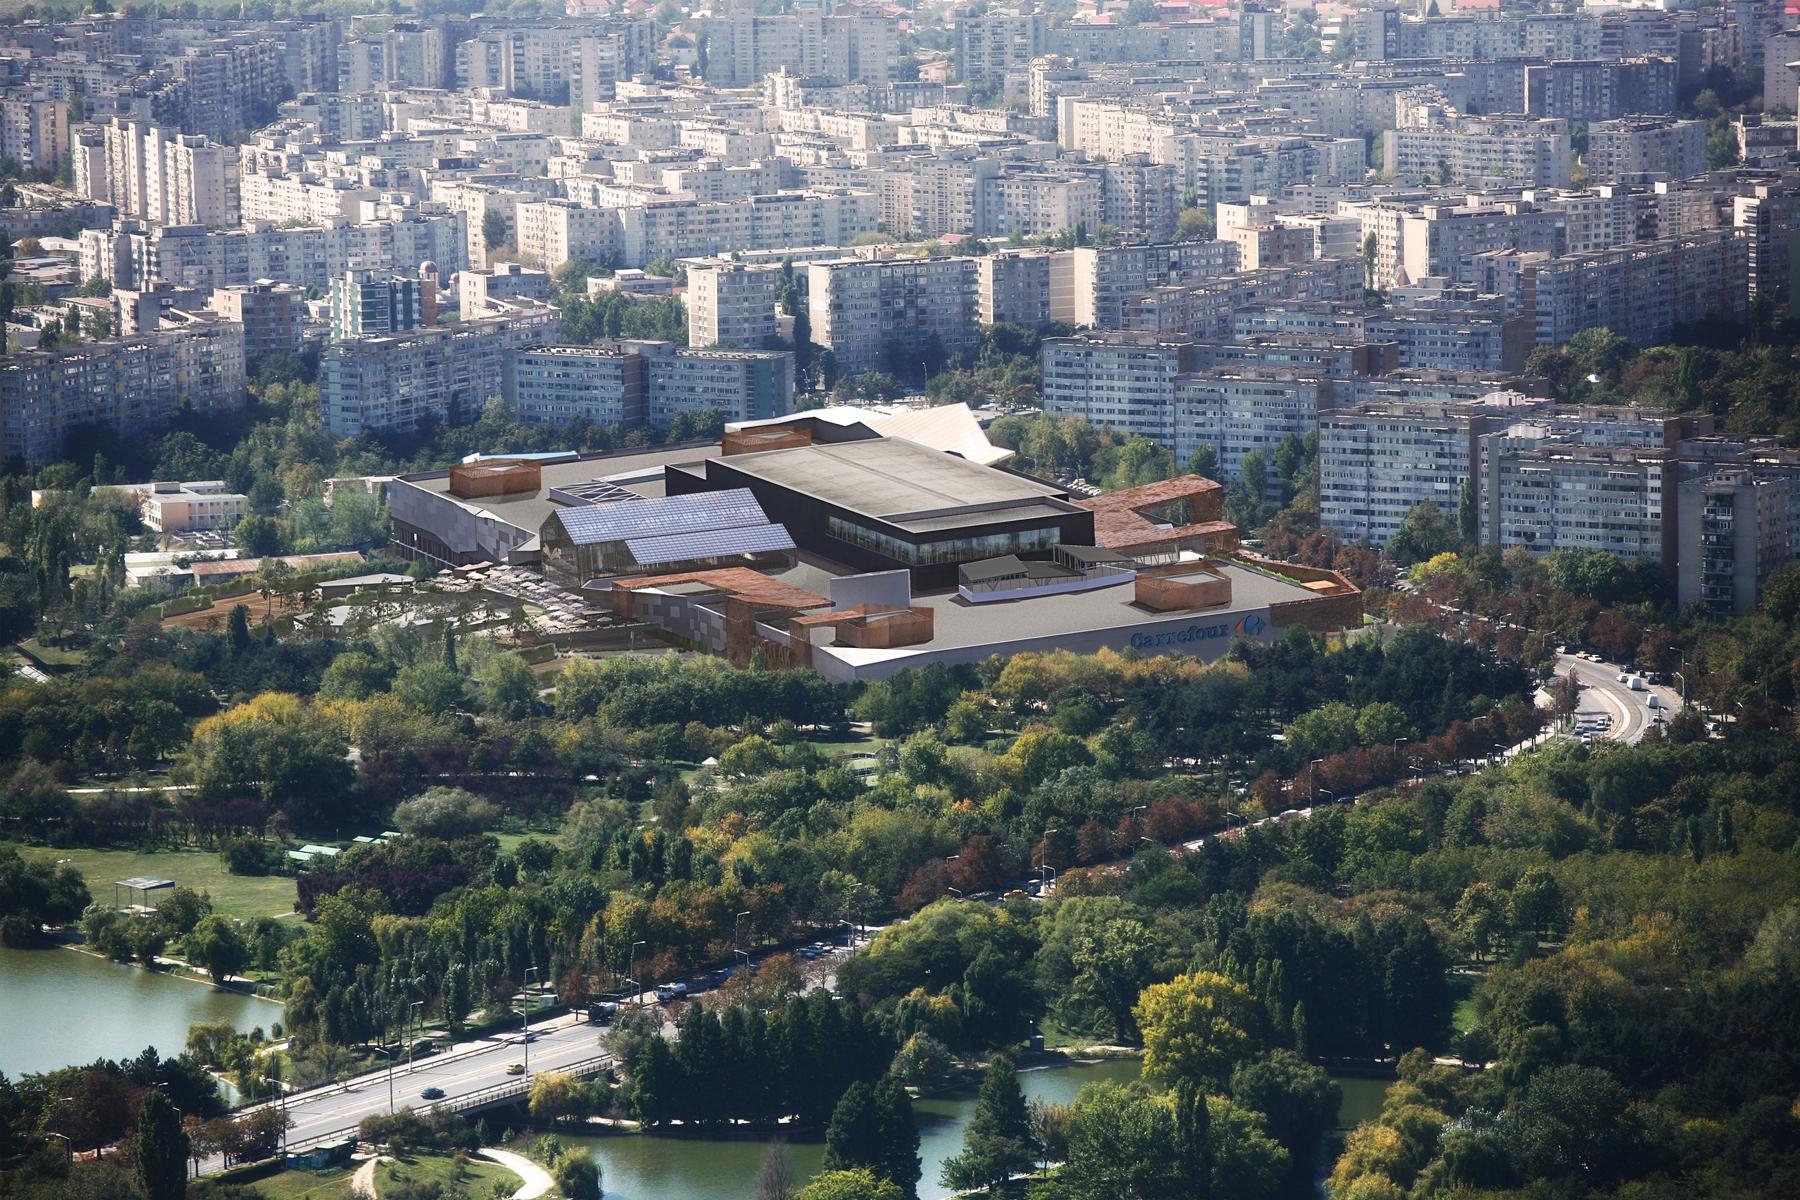 Dezvoltatorii mall-ului ParkLake din cartierul Titan iau un credit de peste 80 mil. euro de la bănci din Ungaria şi Austria pentru a finanţa centrul comercial